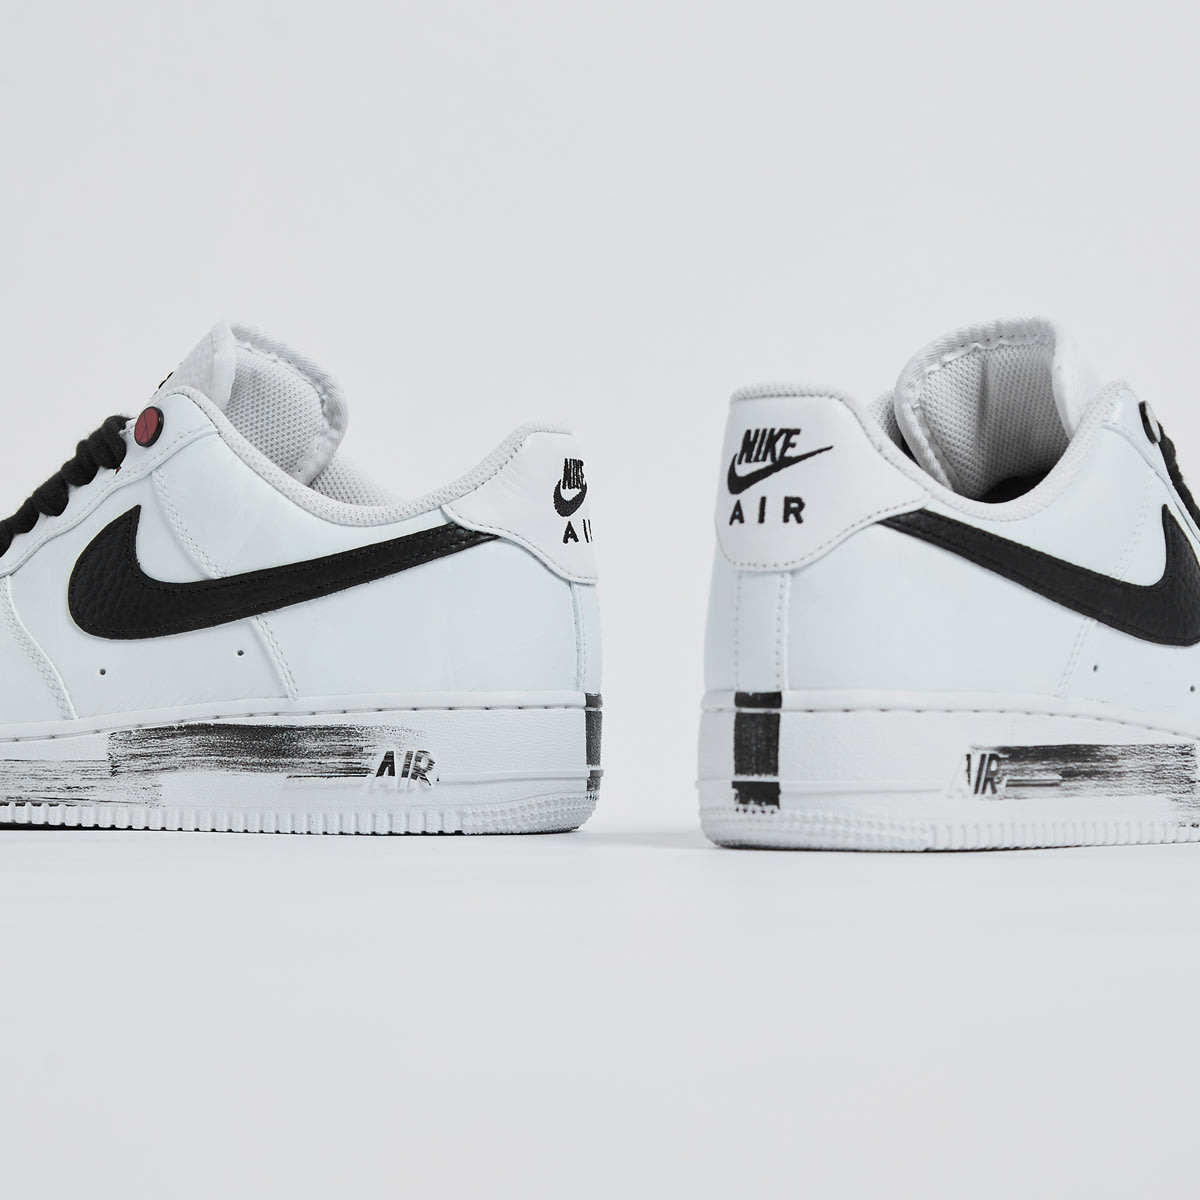 Nike x G-Dragon Air Force 1 07 Paranoise - DD3223-100